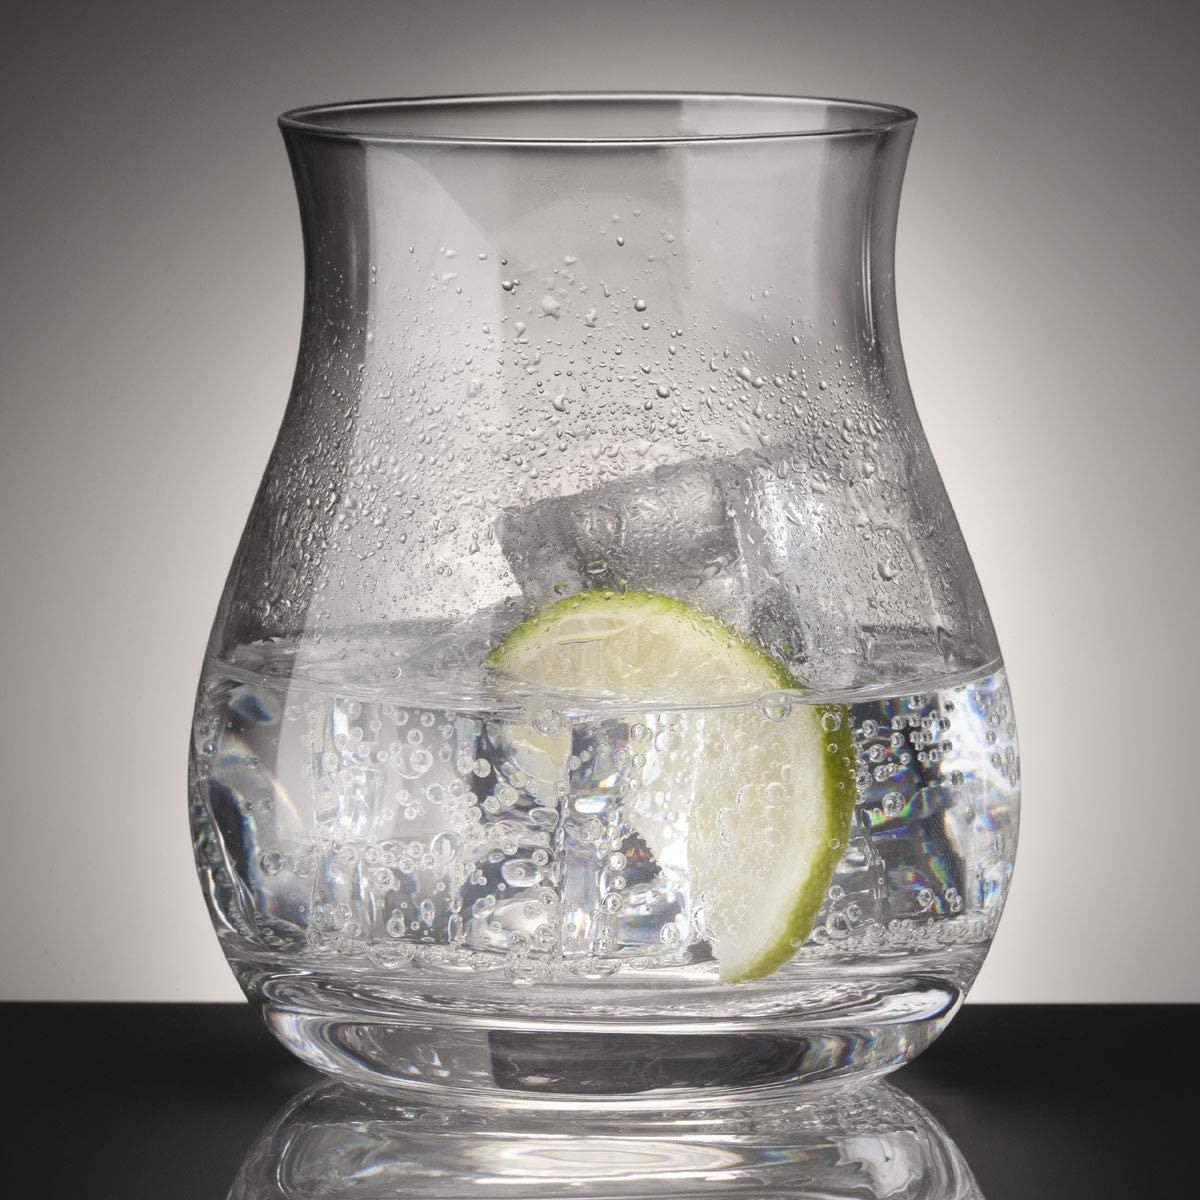 Glencairn Crystal(グレンケアン クリスタル) ロックグラス 330mlの商品画像